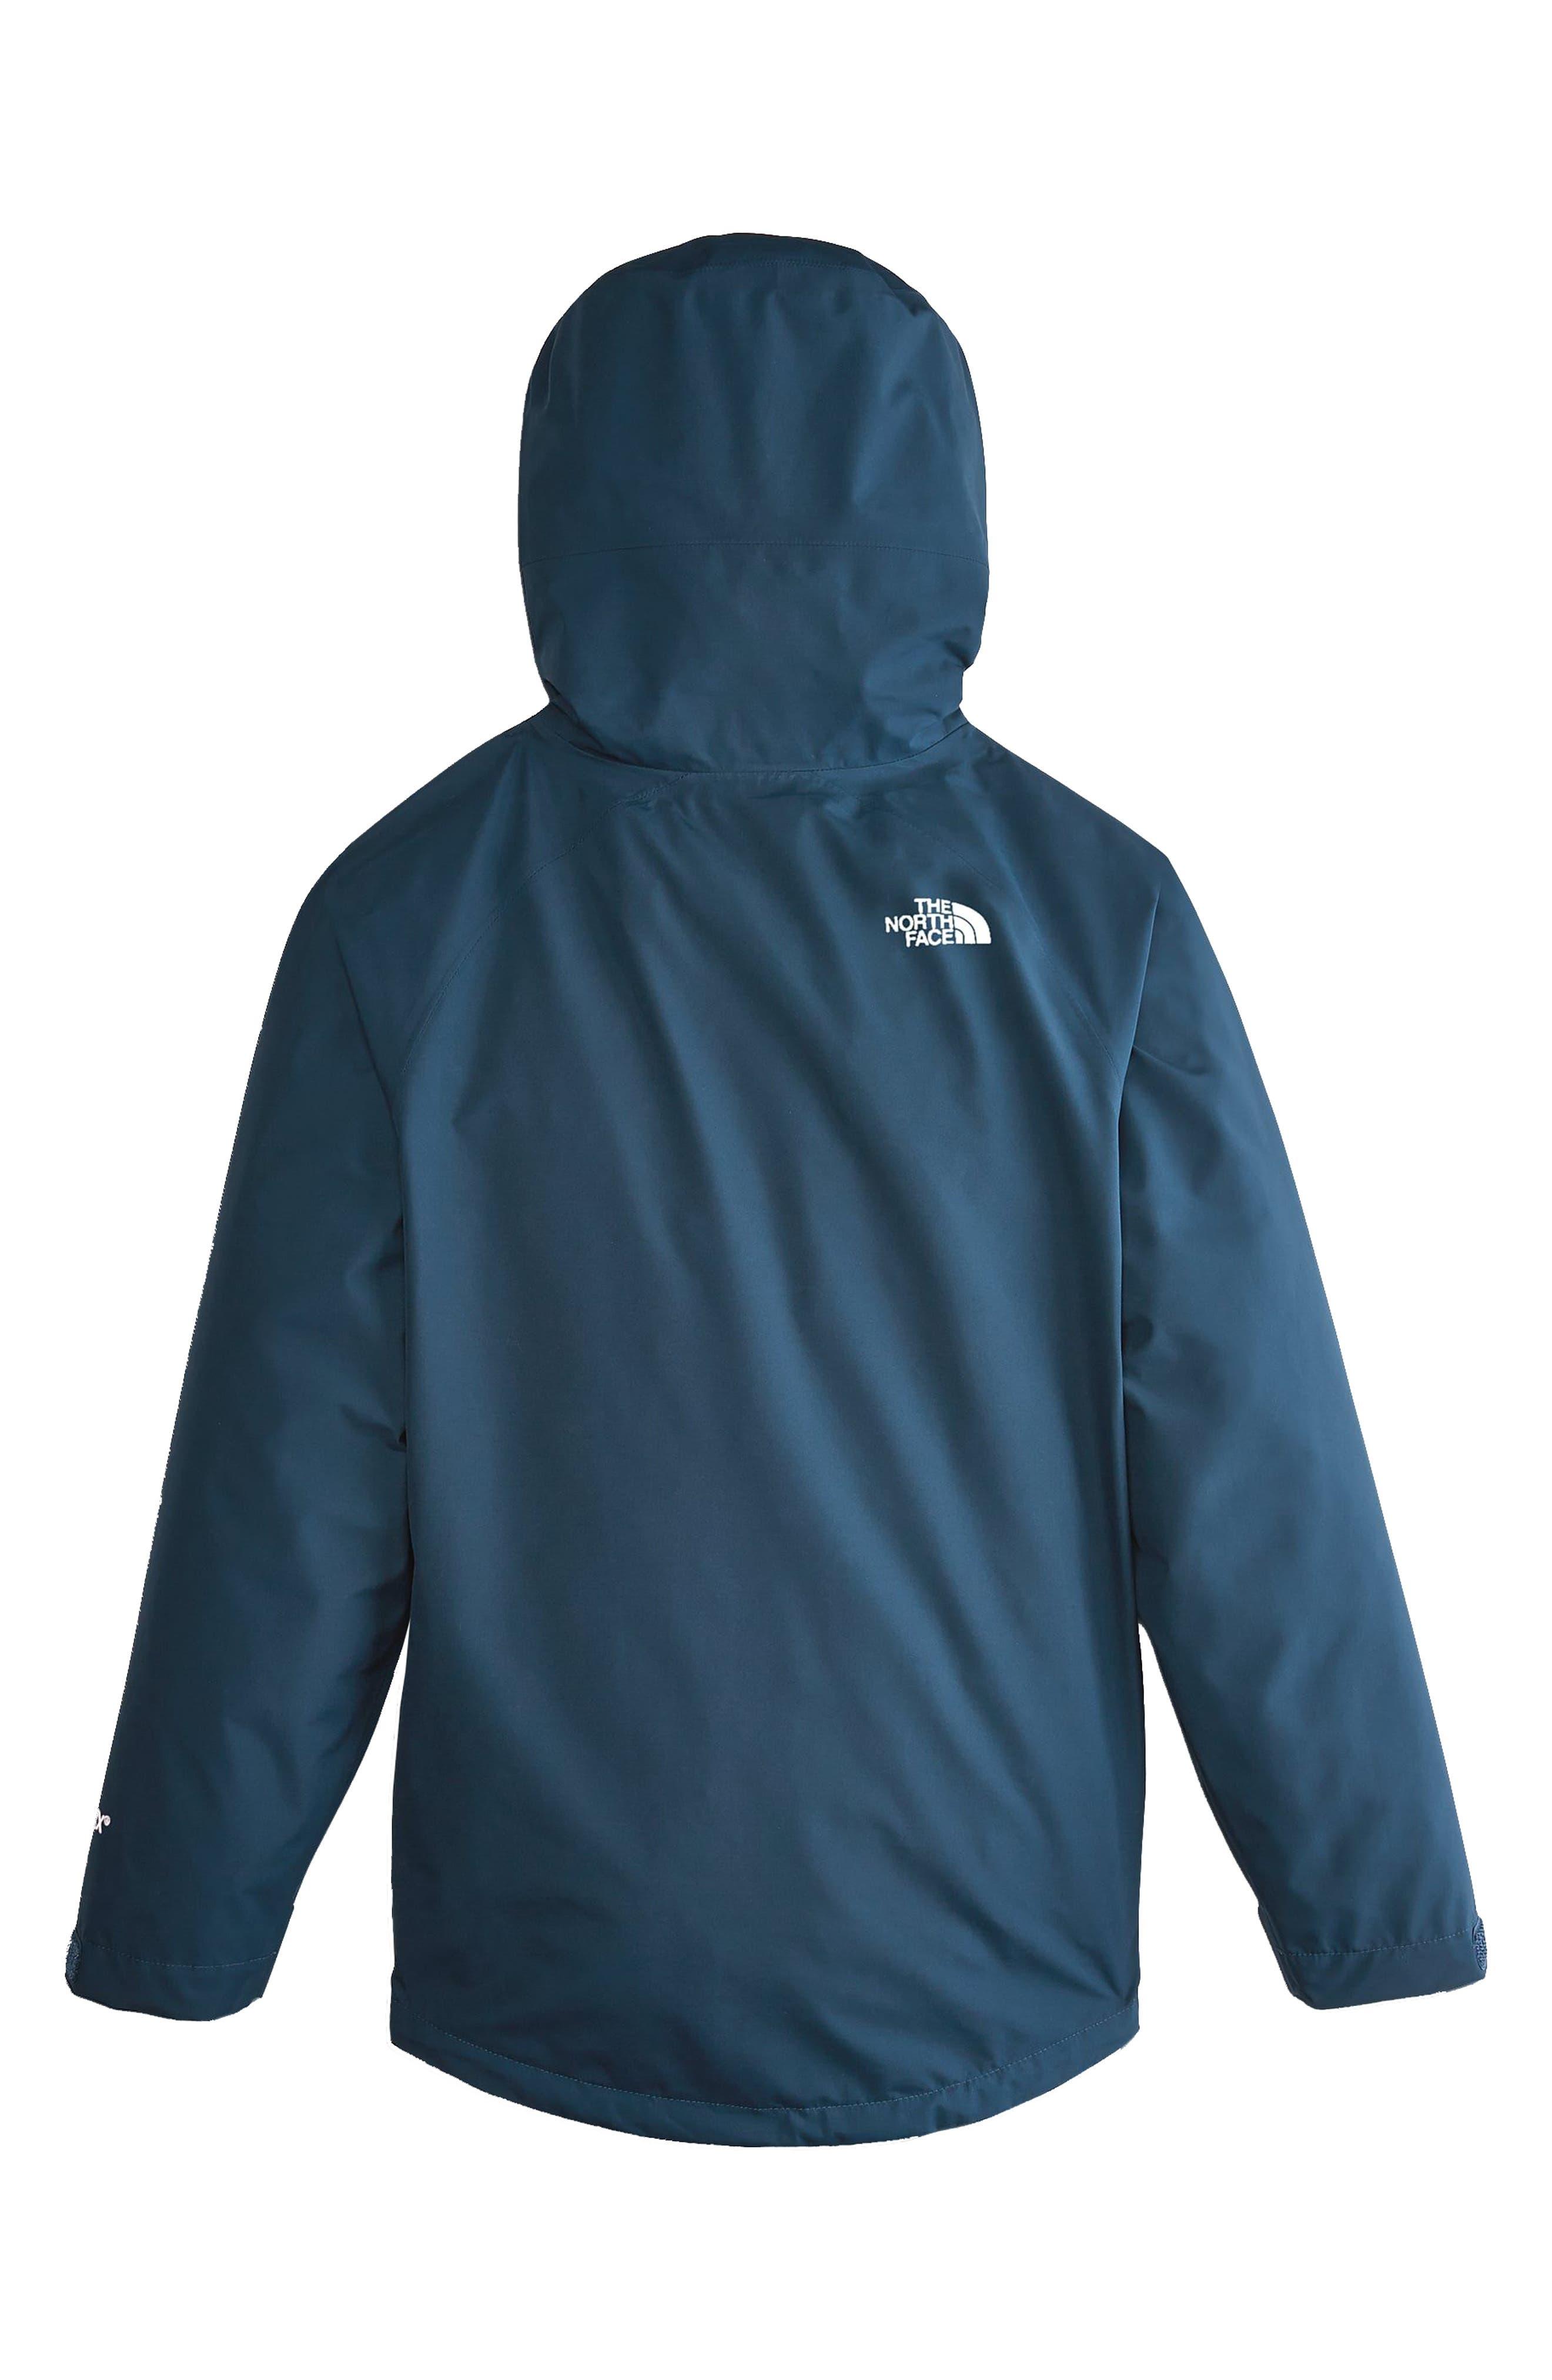 Dryzzle Waterproof Jacket,                             Alternate thumbnail 2, color,